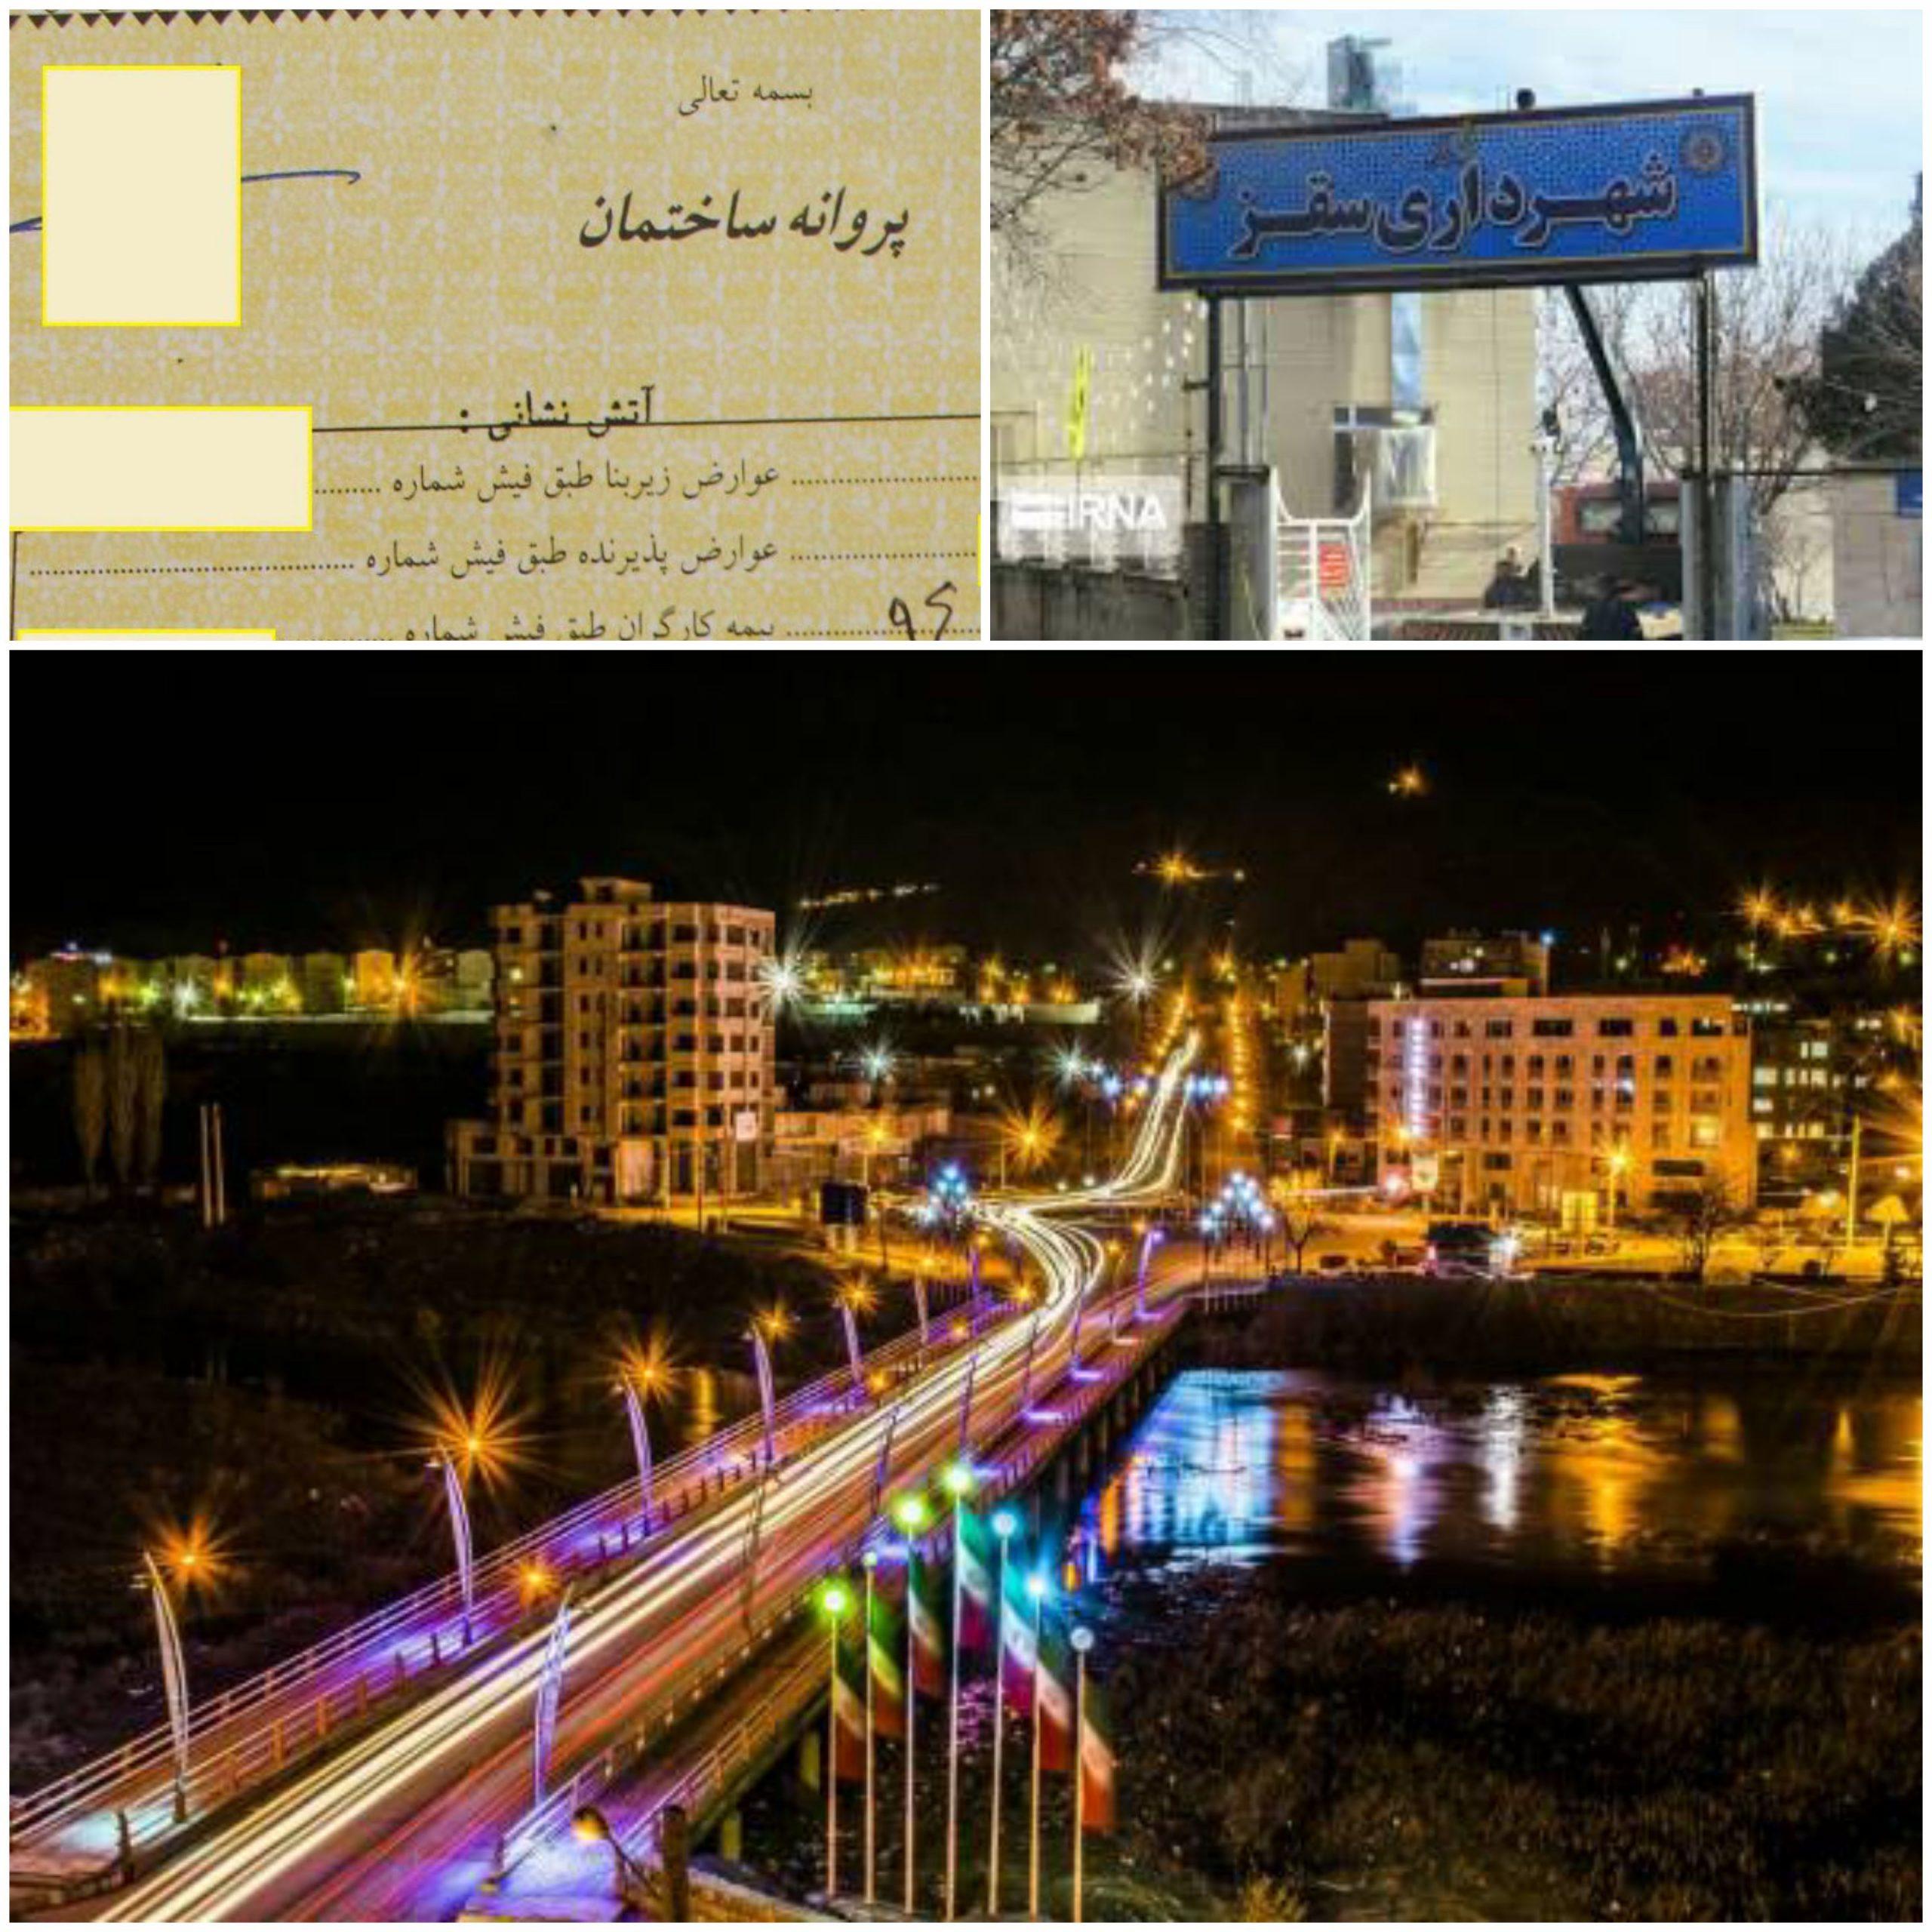 ماجرای عدم صدور جواز ساخت برای زمین های قولنامه ای در سقز+ توضیحات معاون شهرسازی شهرداری